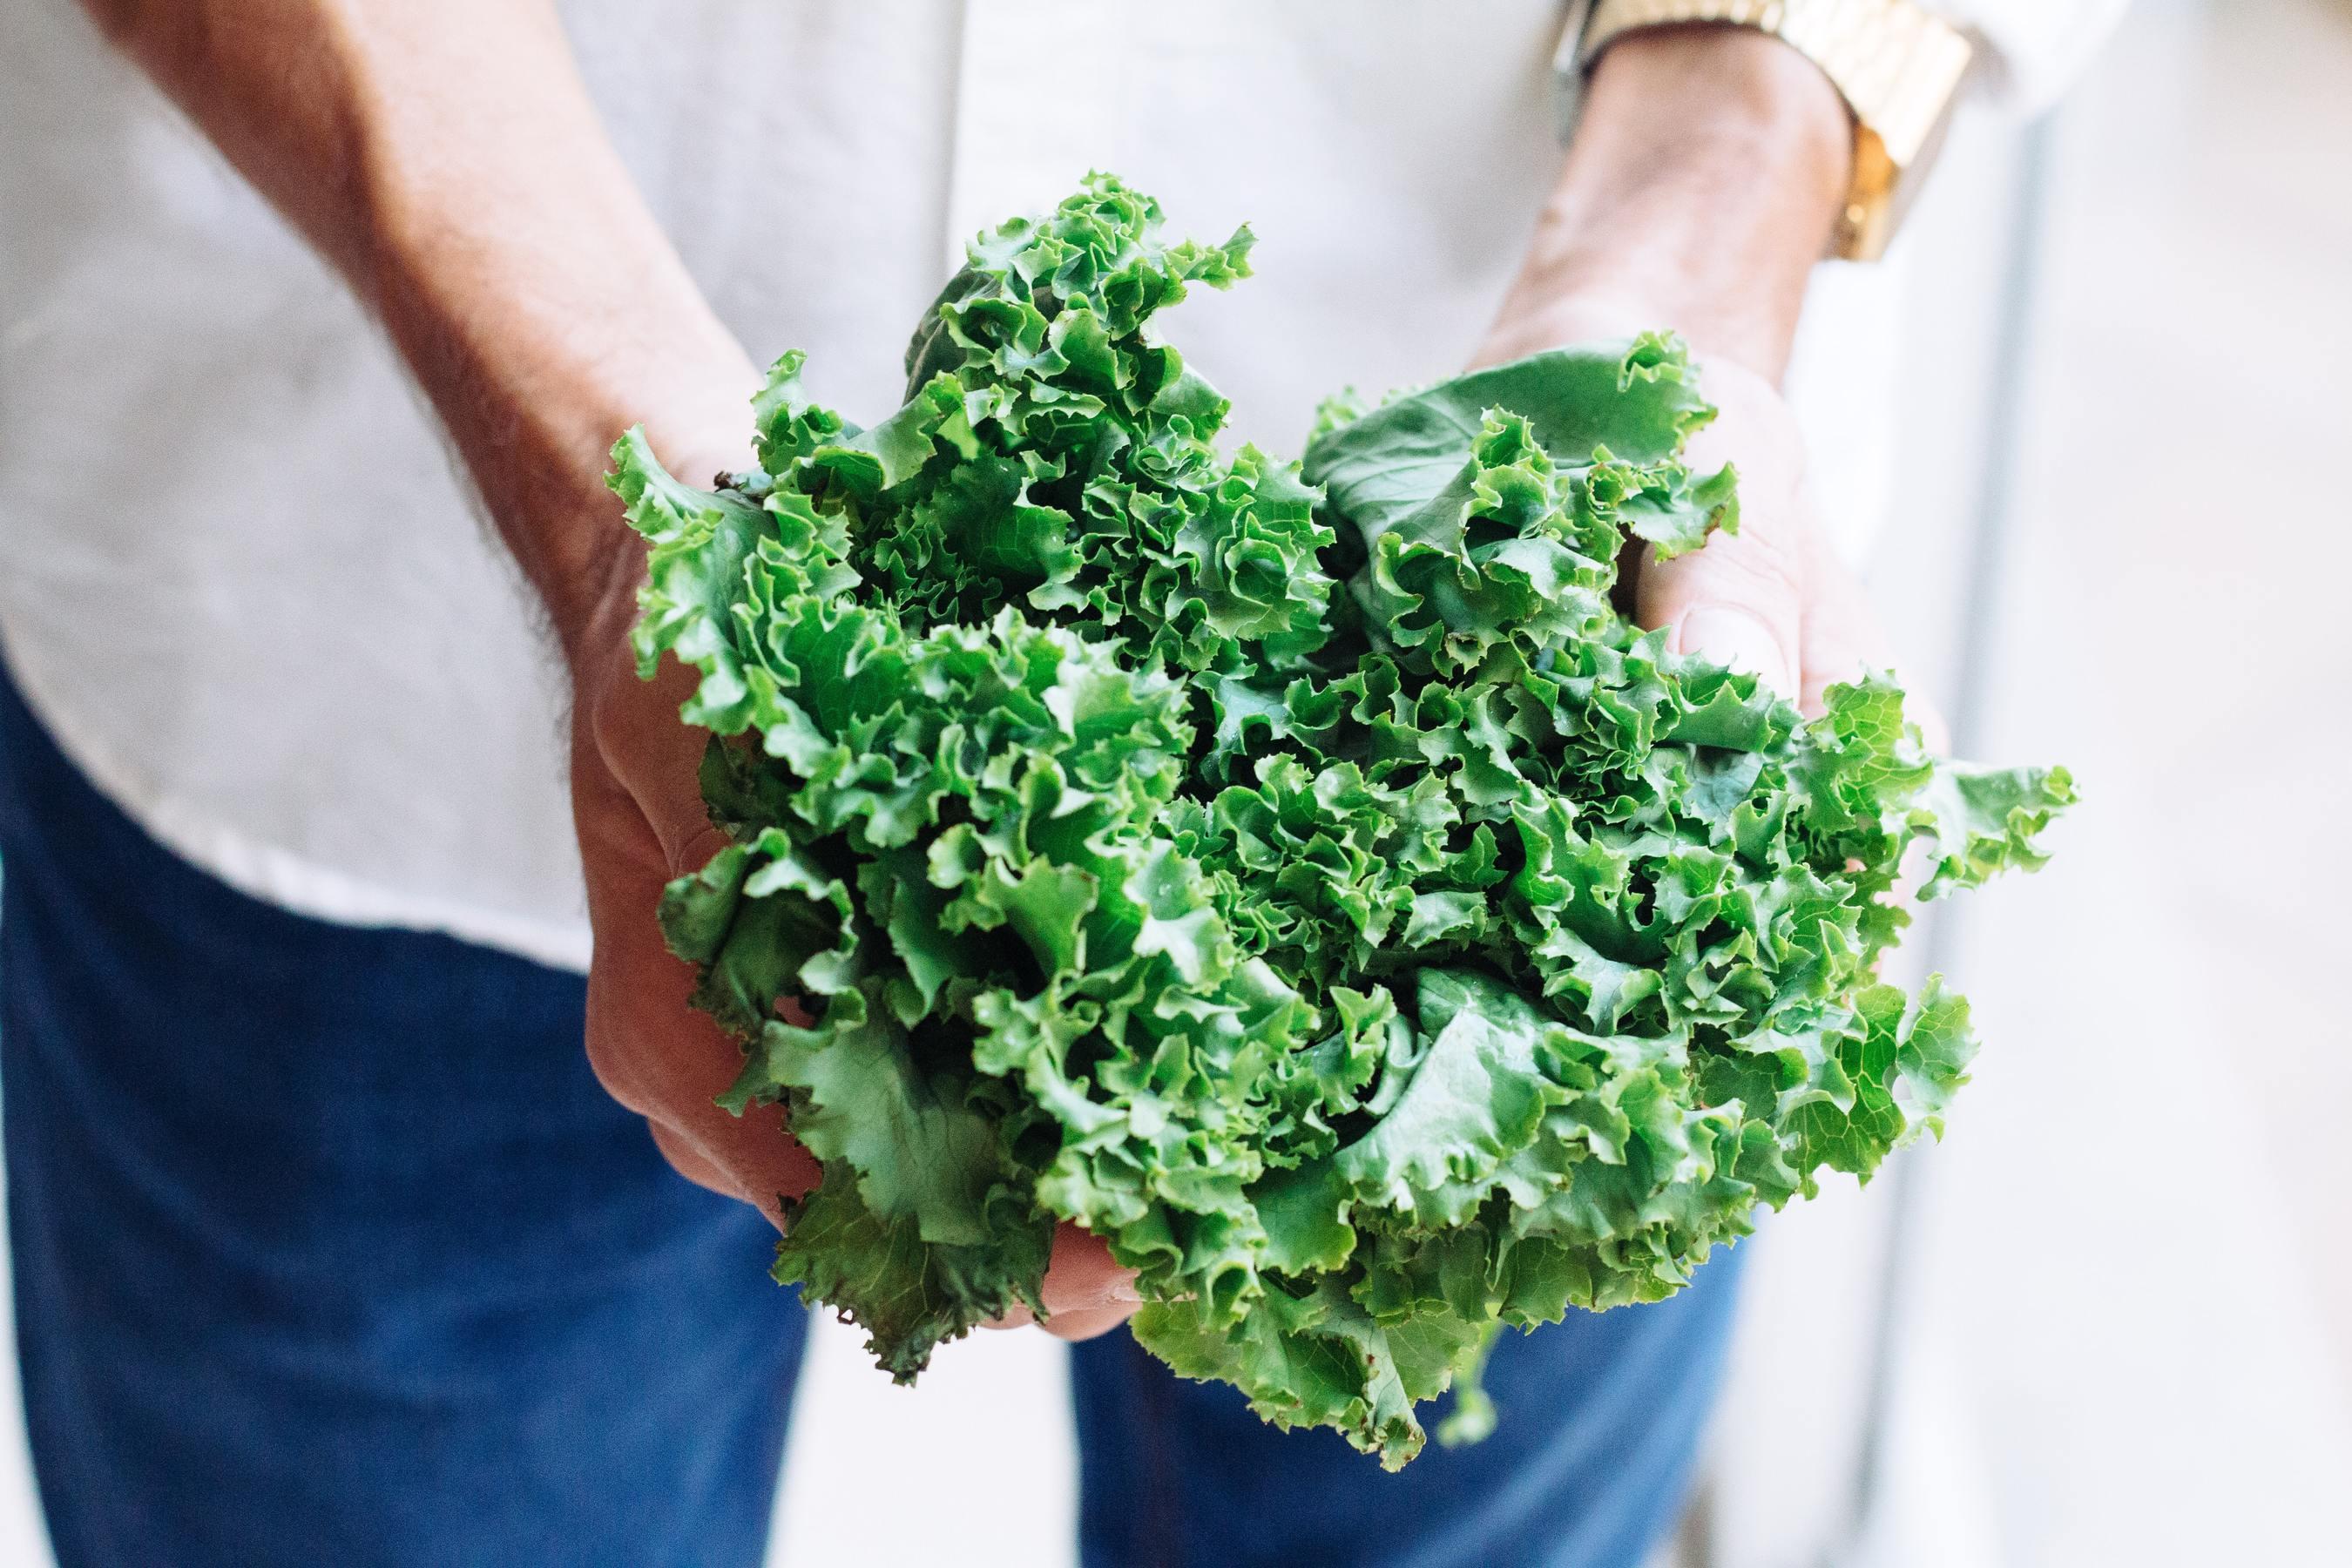 Hands holding kale